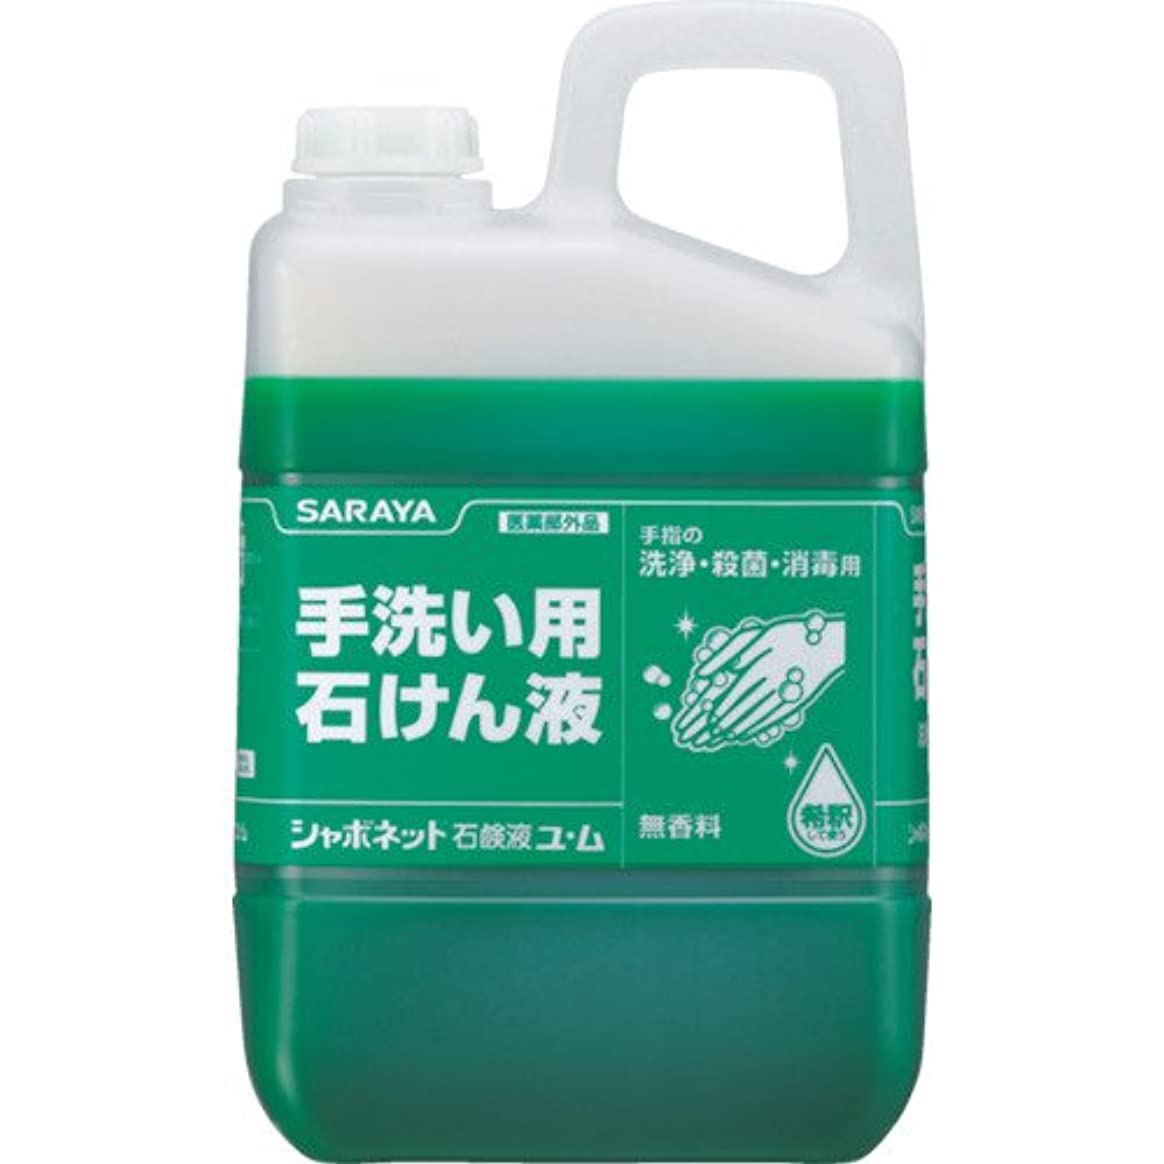 評論家研磨剤放映シャボネット石けん液ユム 3Kg